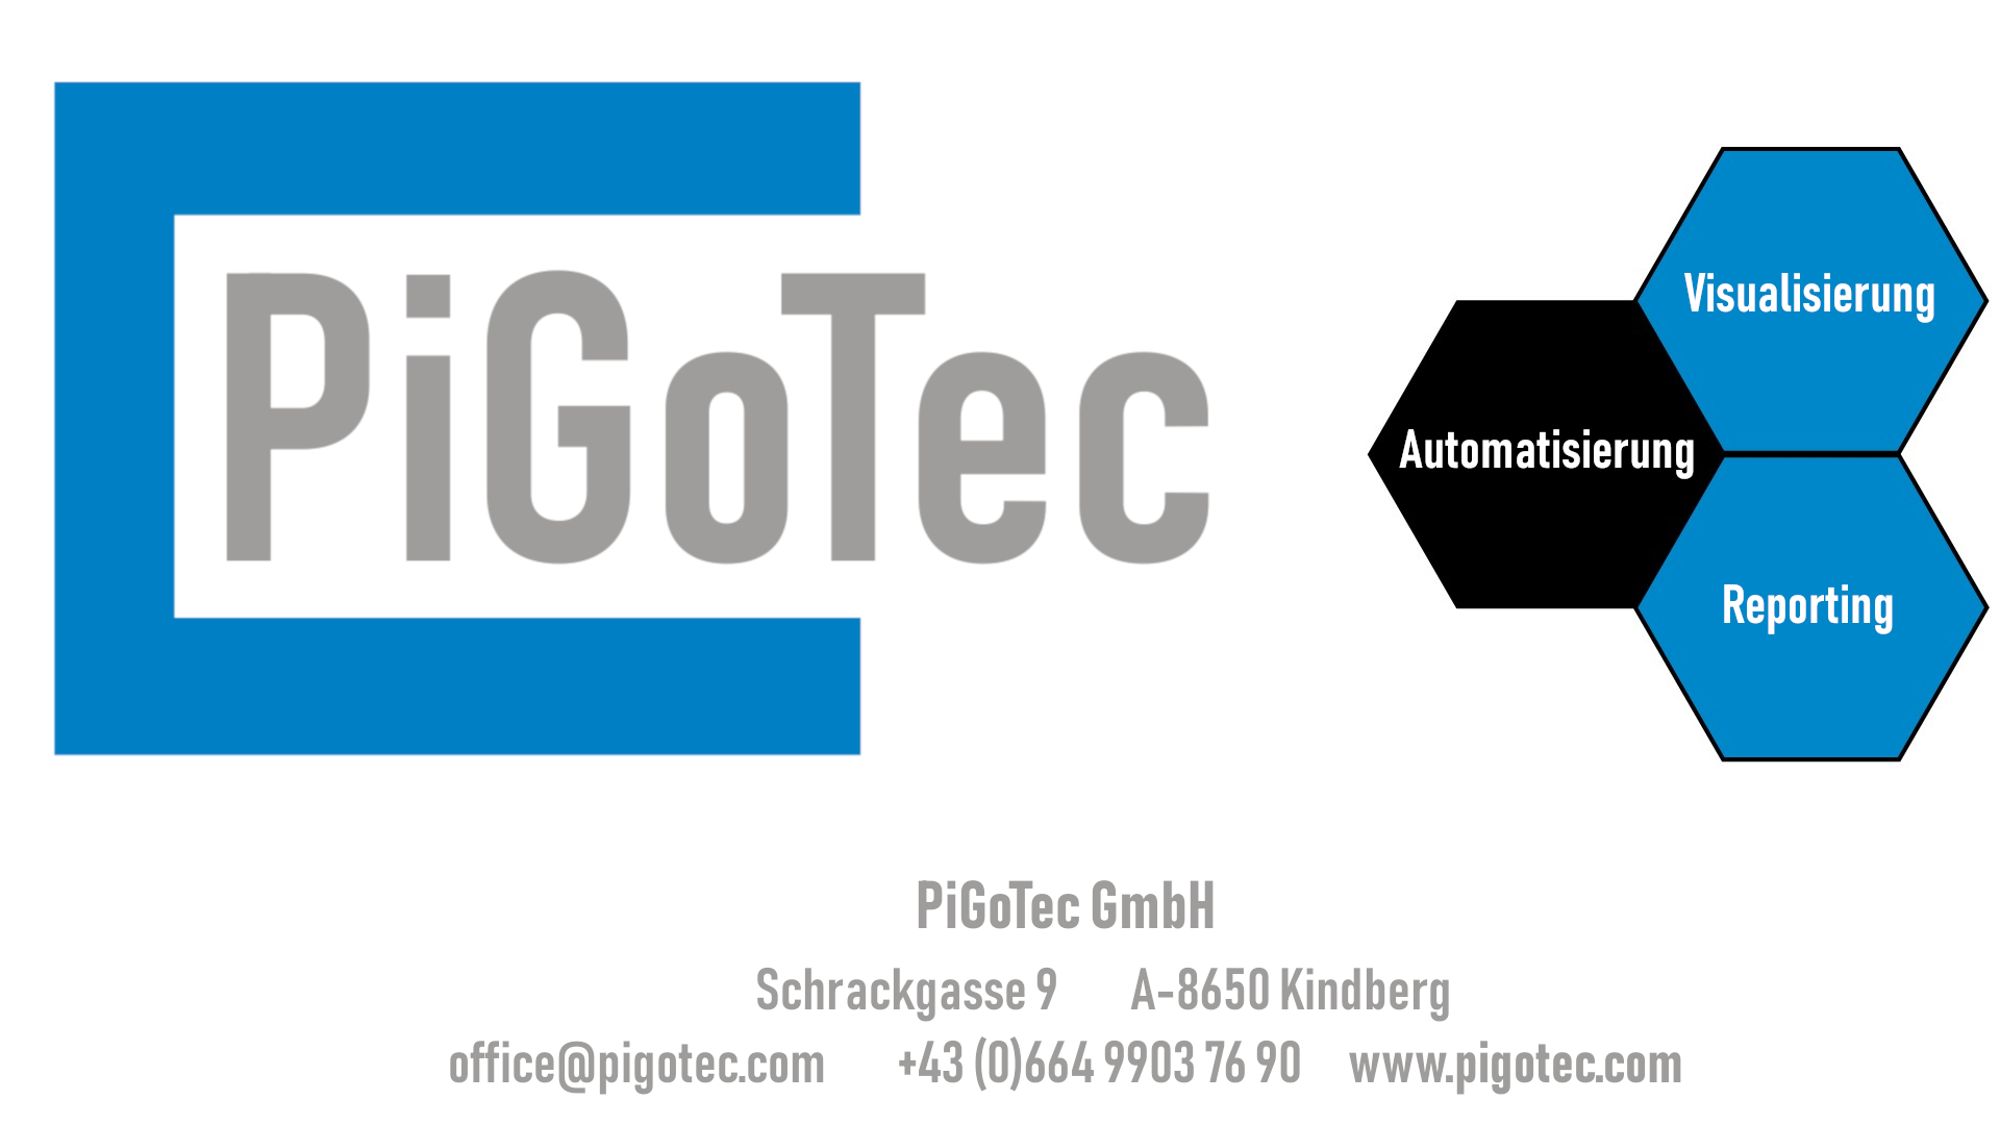 PiGoTec GmbH